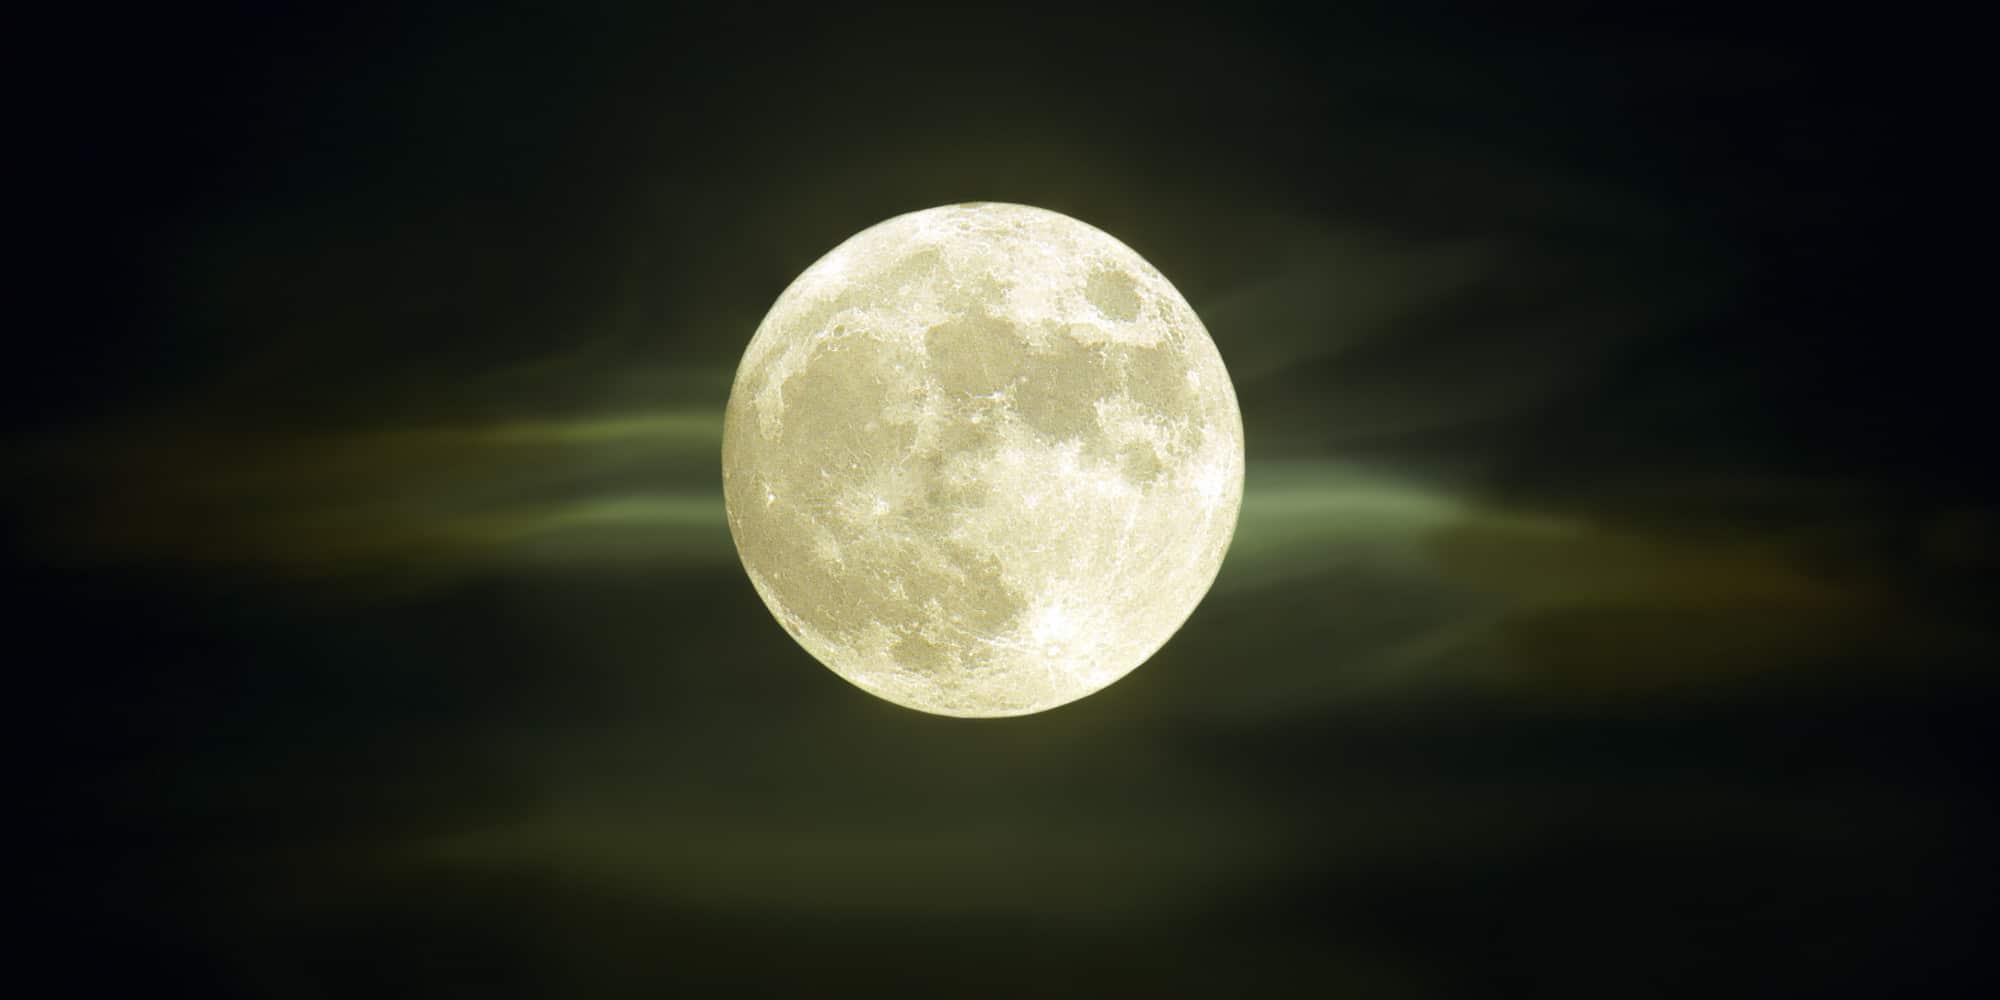 cuántas lunas hay